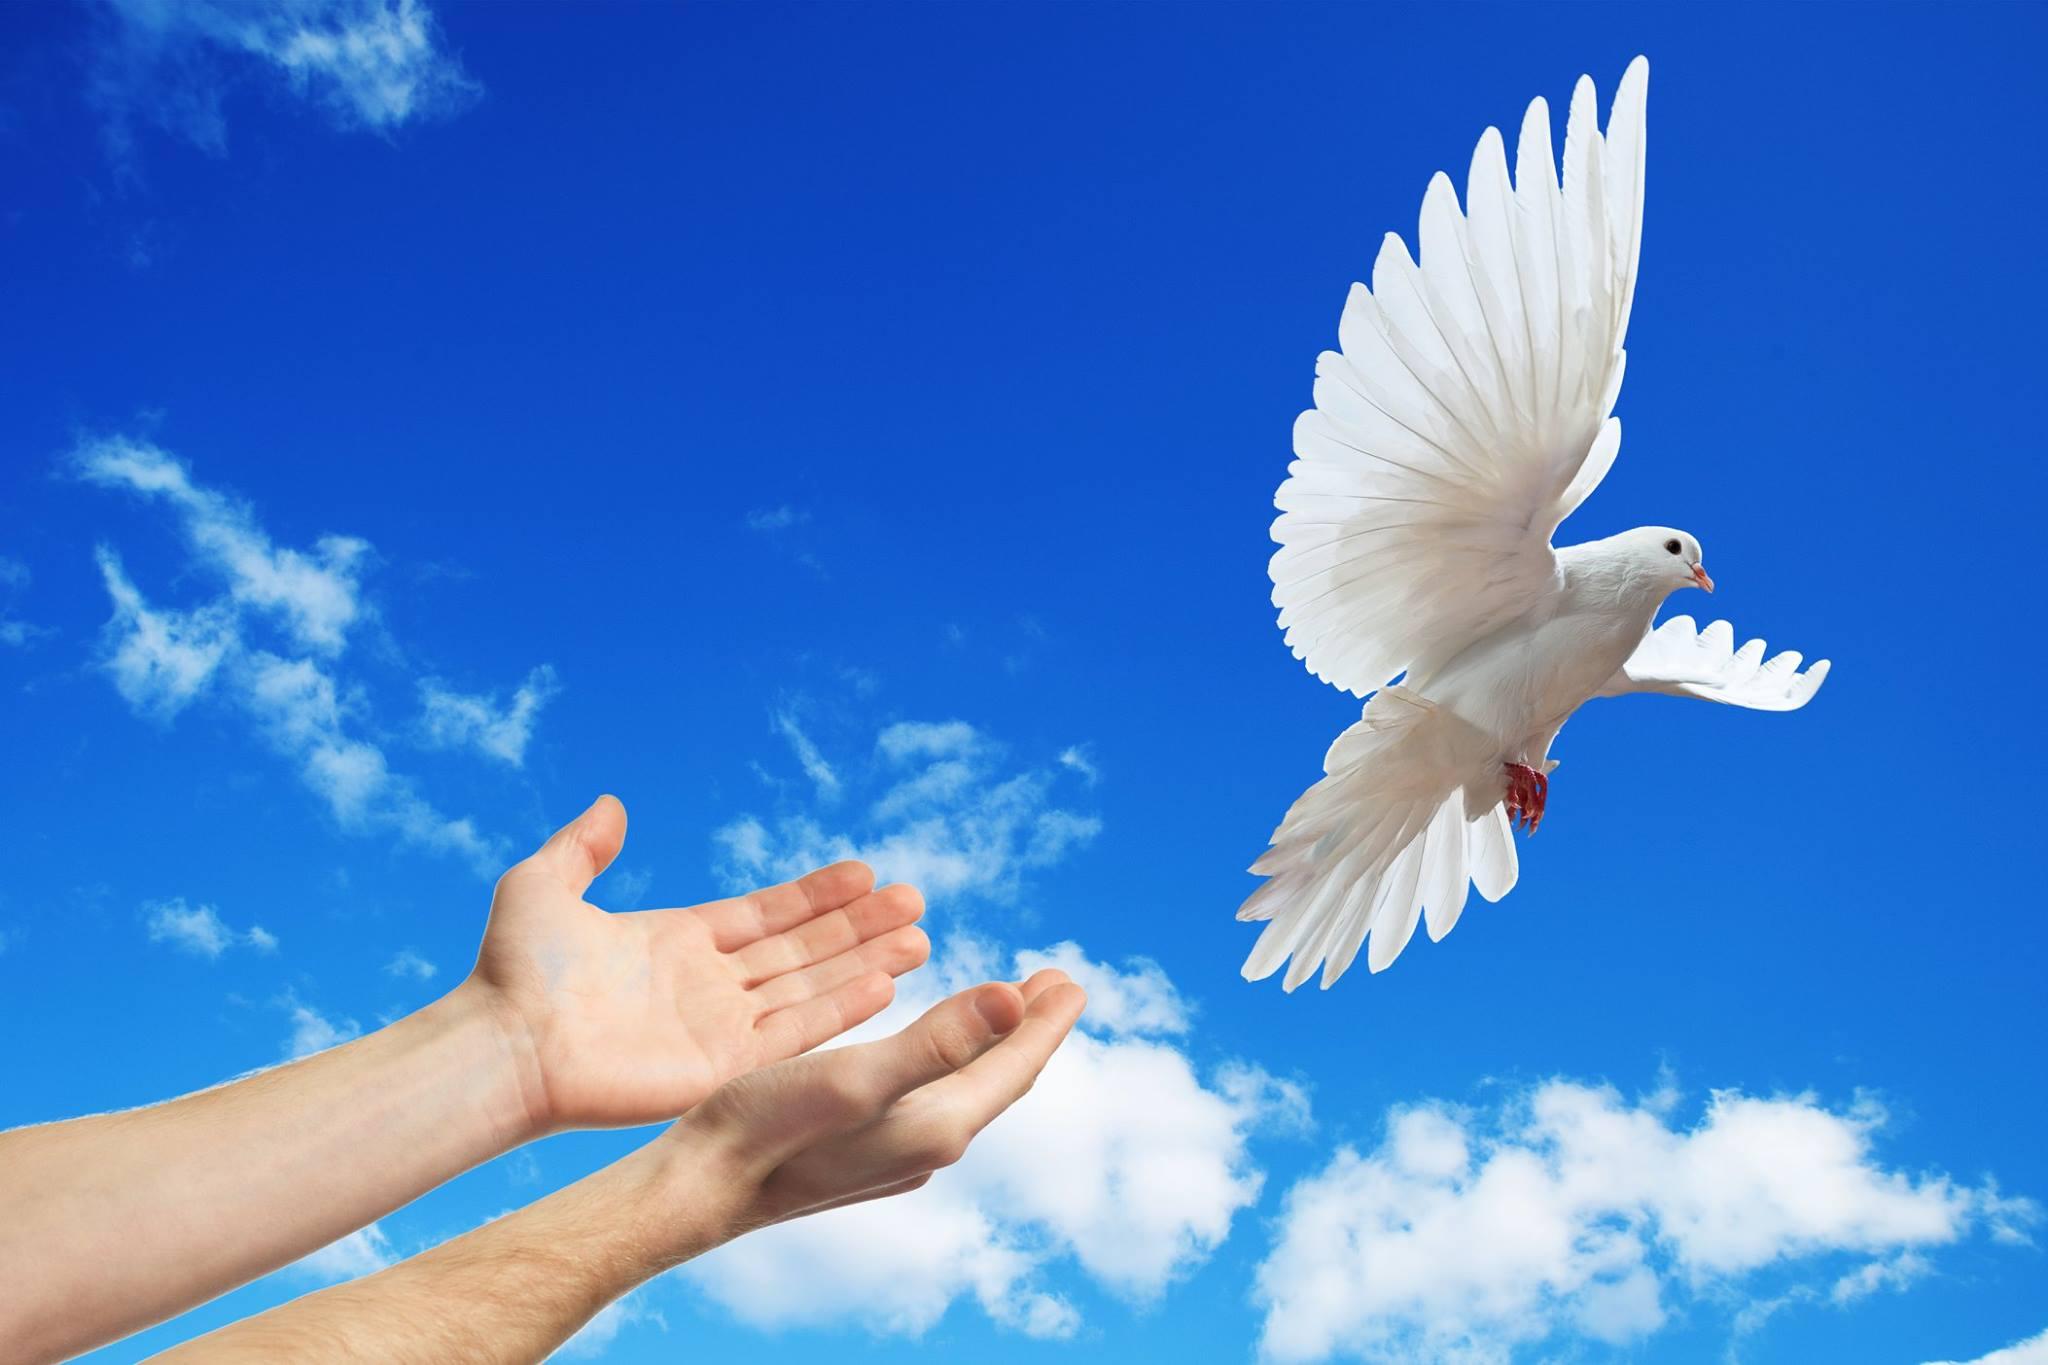 صور حمام ابيض يرفرف في السماء 13 صور حمامه السلام